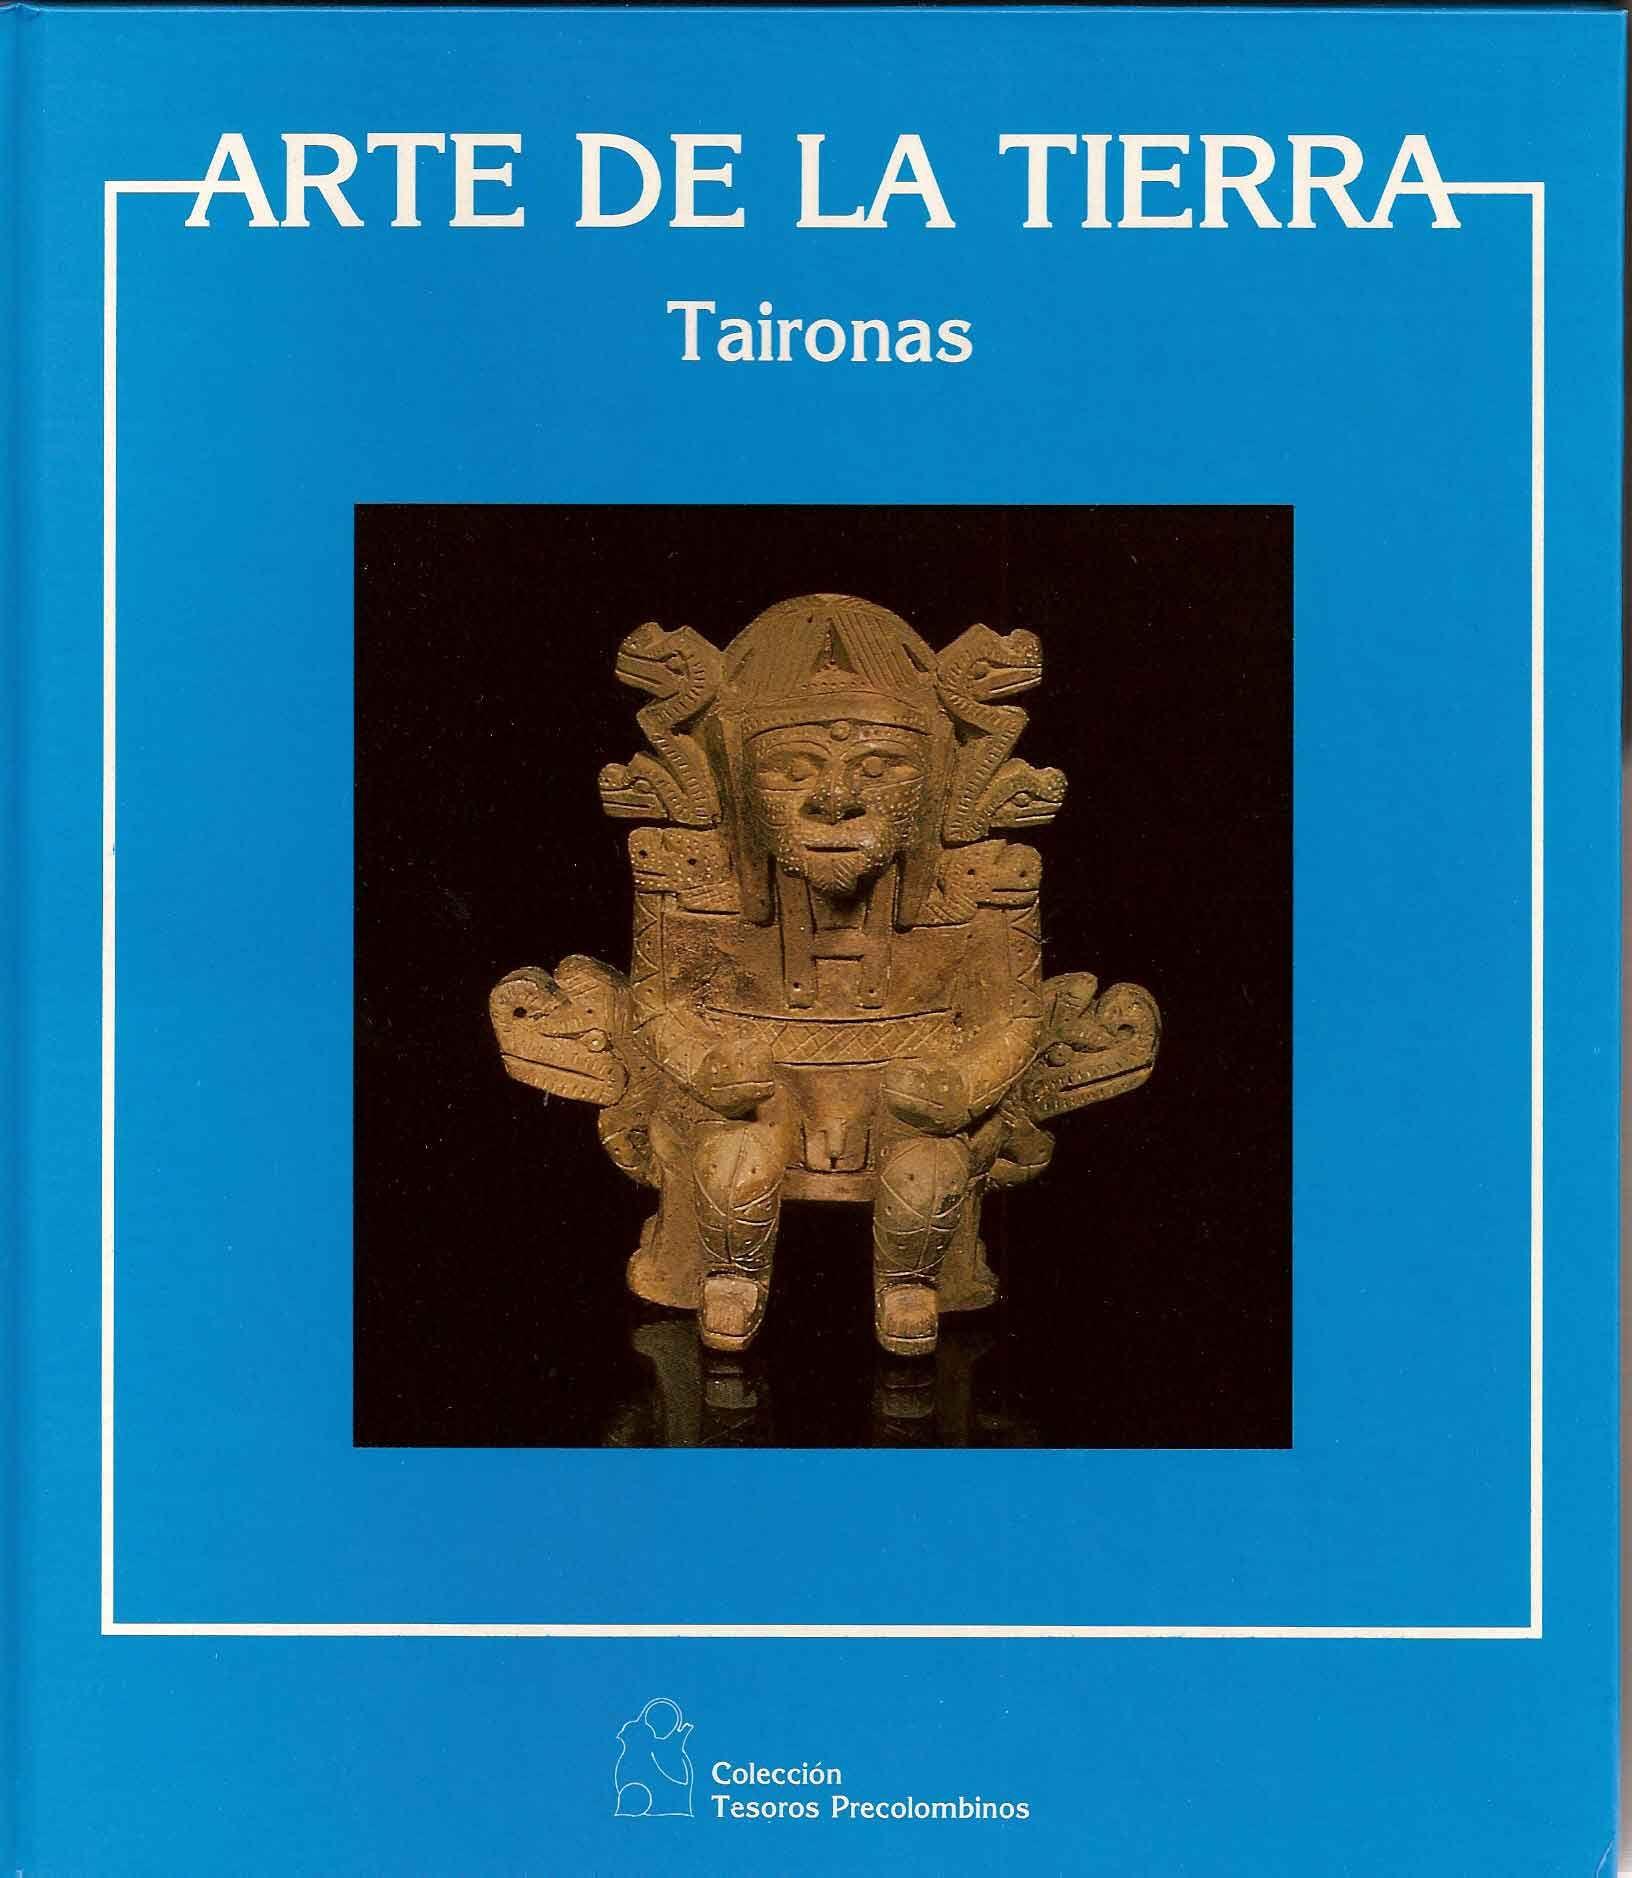 TAYRONAS - ARTE DE LA TIERRA   colección editorial (9 volúmenes 1988-1992) se prepara nueva publicación de la obra fotográfica en formato digital:  http://www.americaprecolombina.webs.com/gallery.html